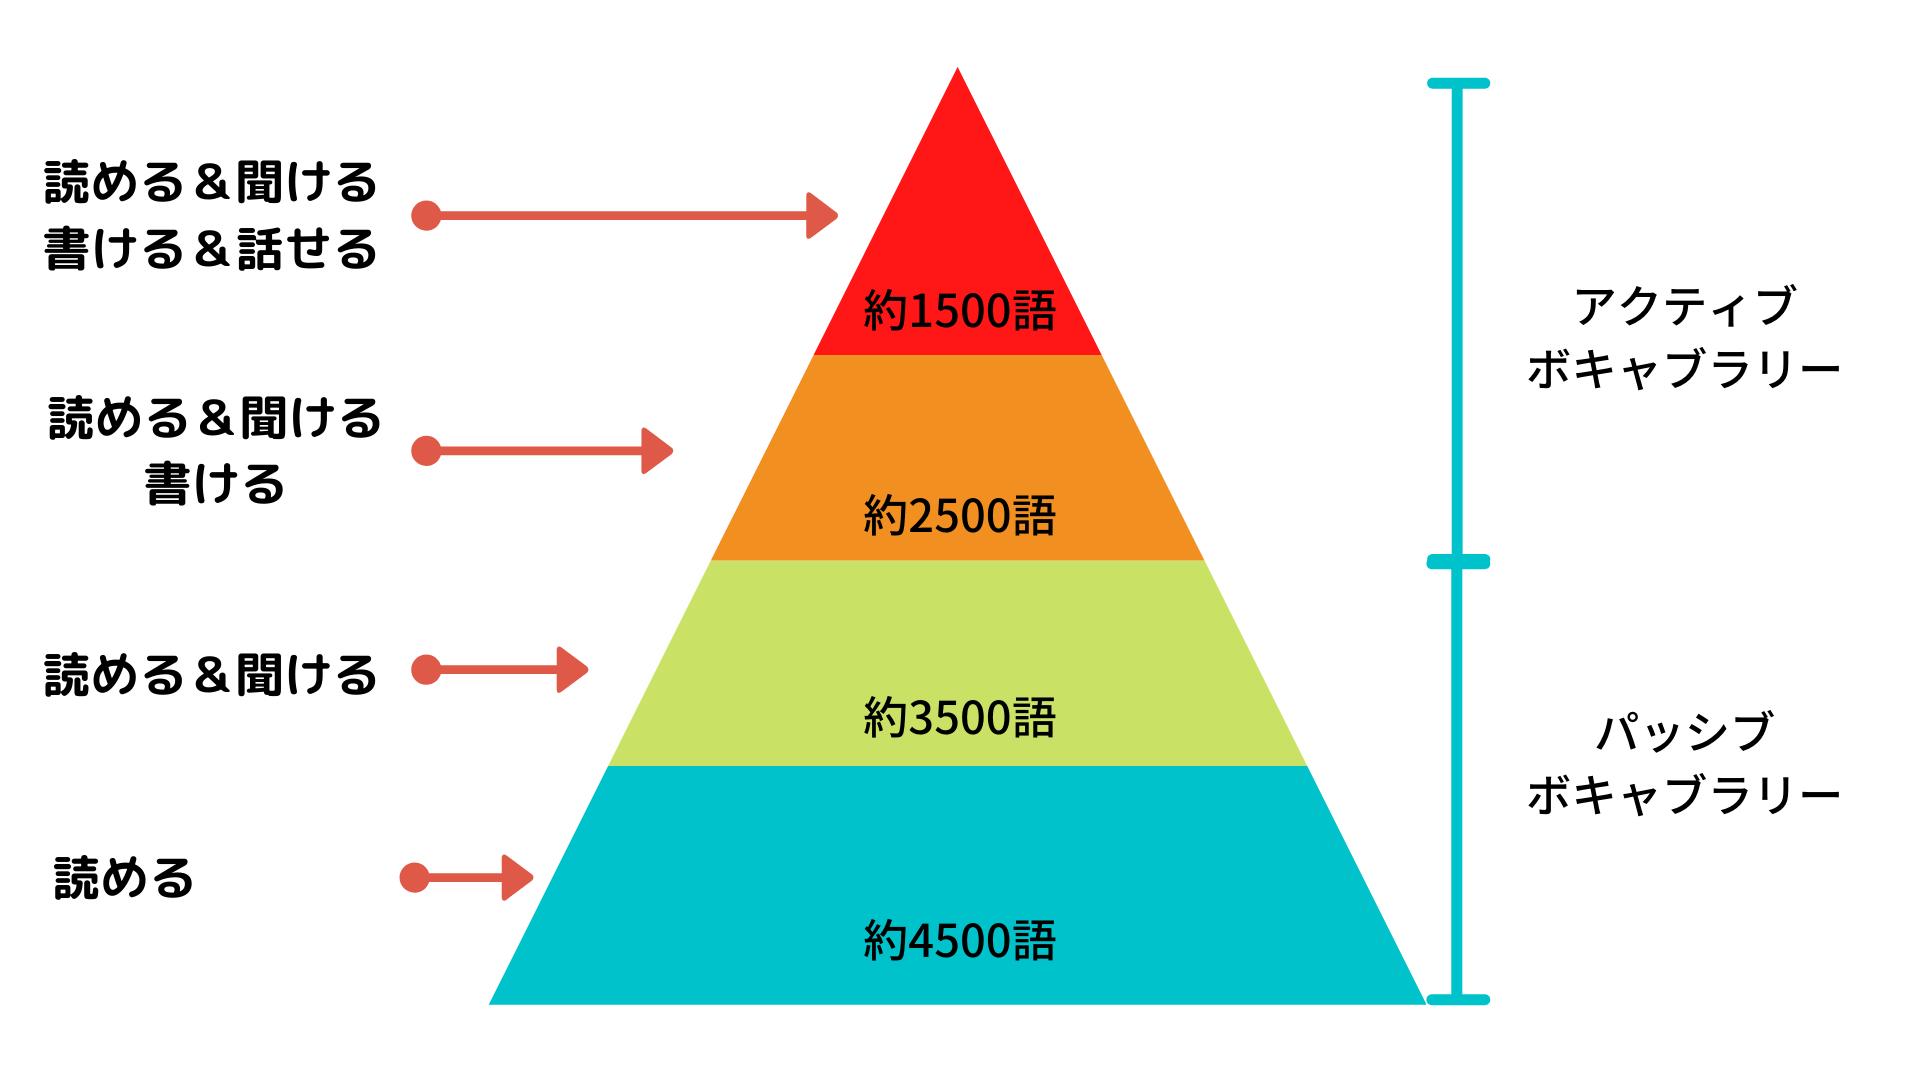 英検1級単語のパッシブボキャブラリーとアクティブボキャブラリー